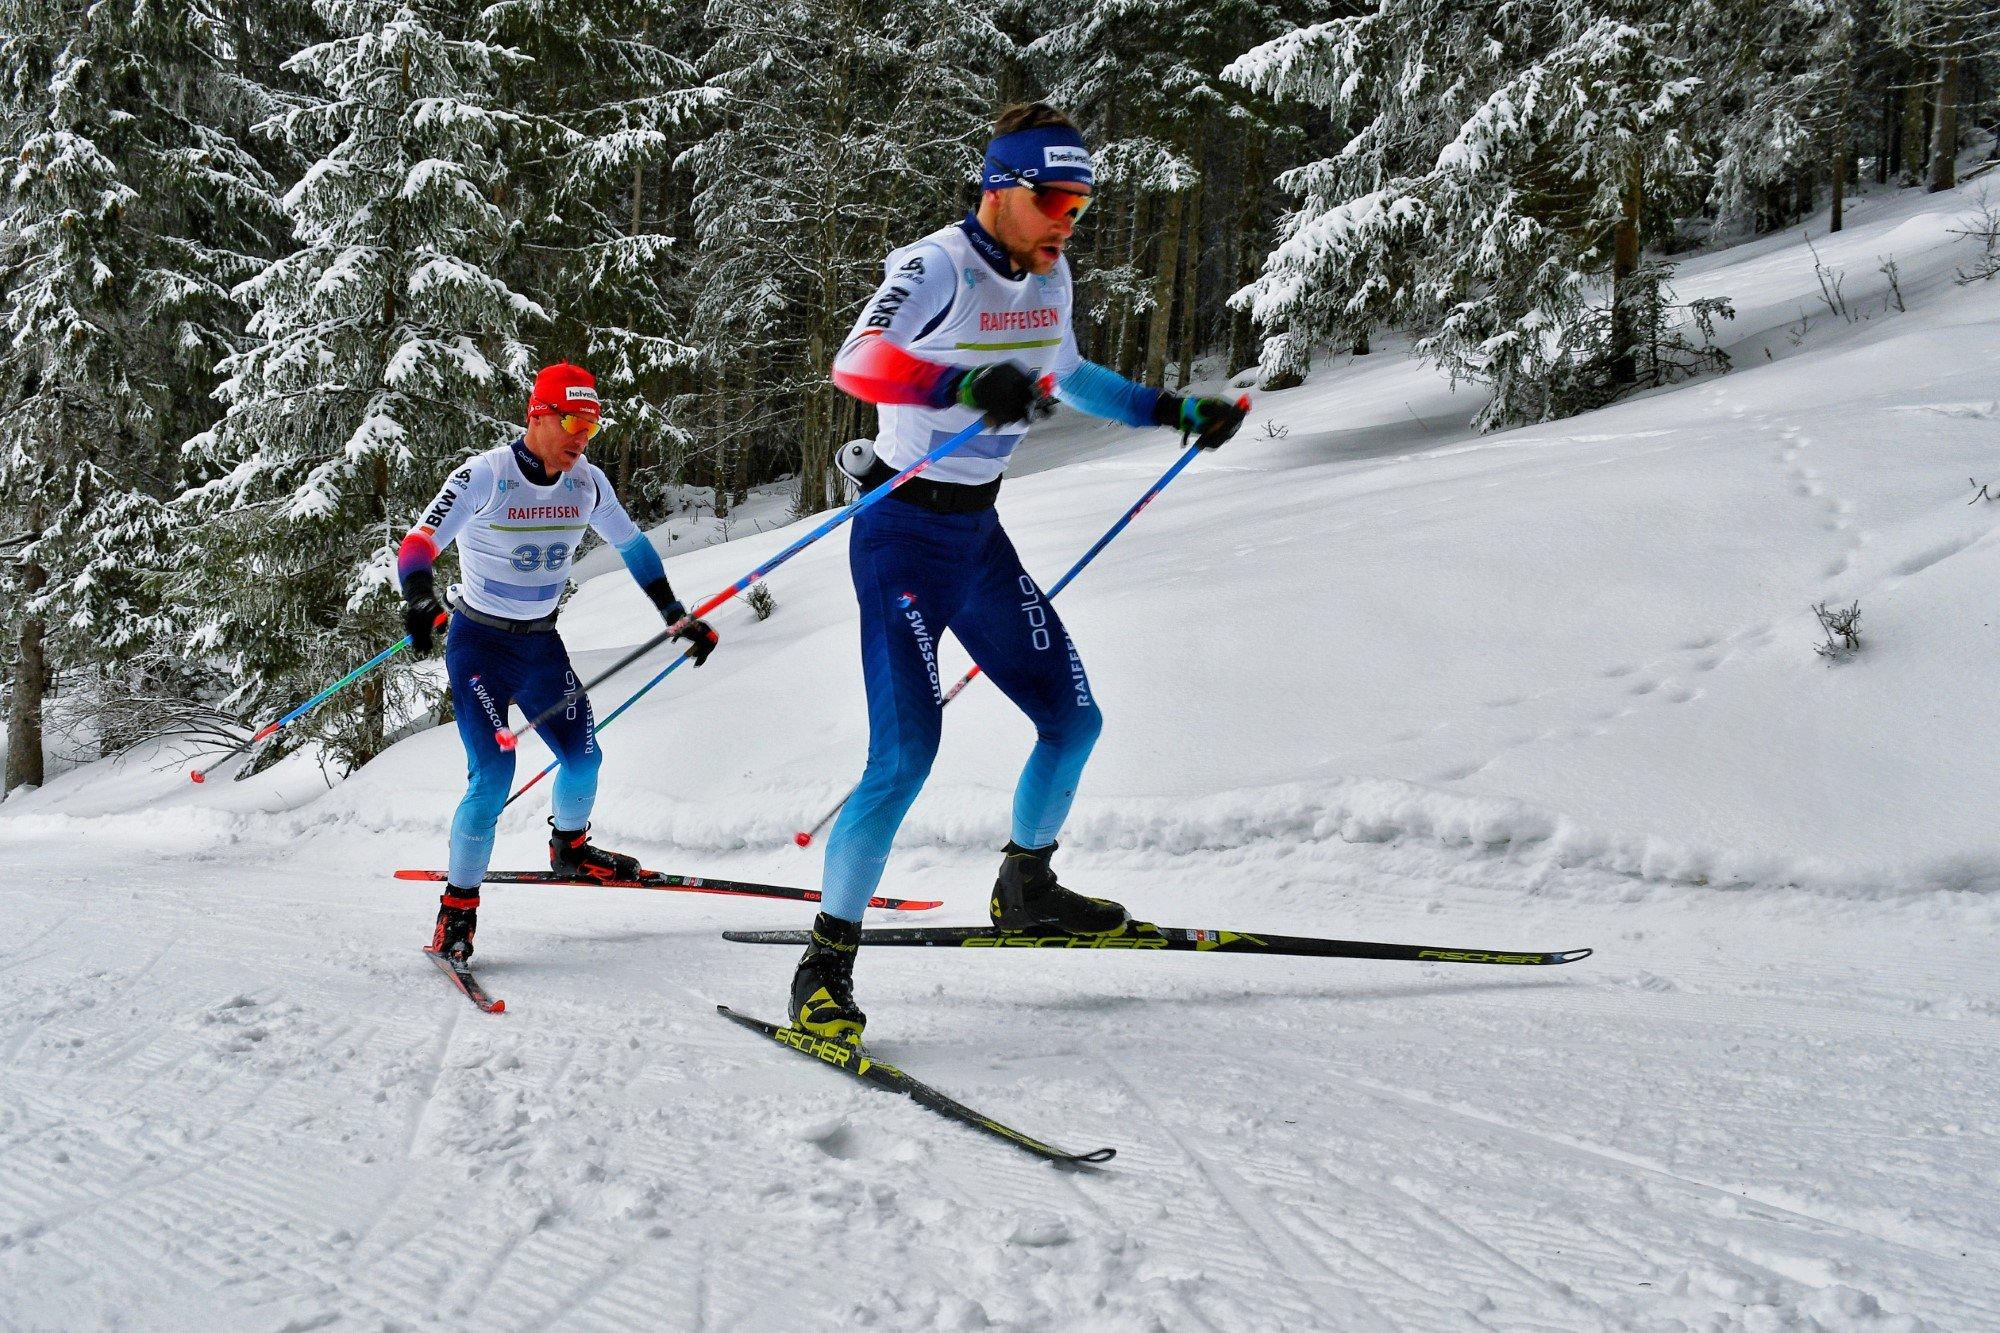 Ski nordique, ski de fond, Mondiaux U23